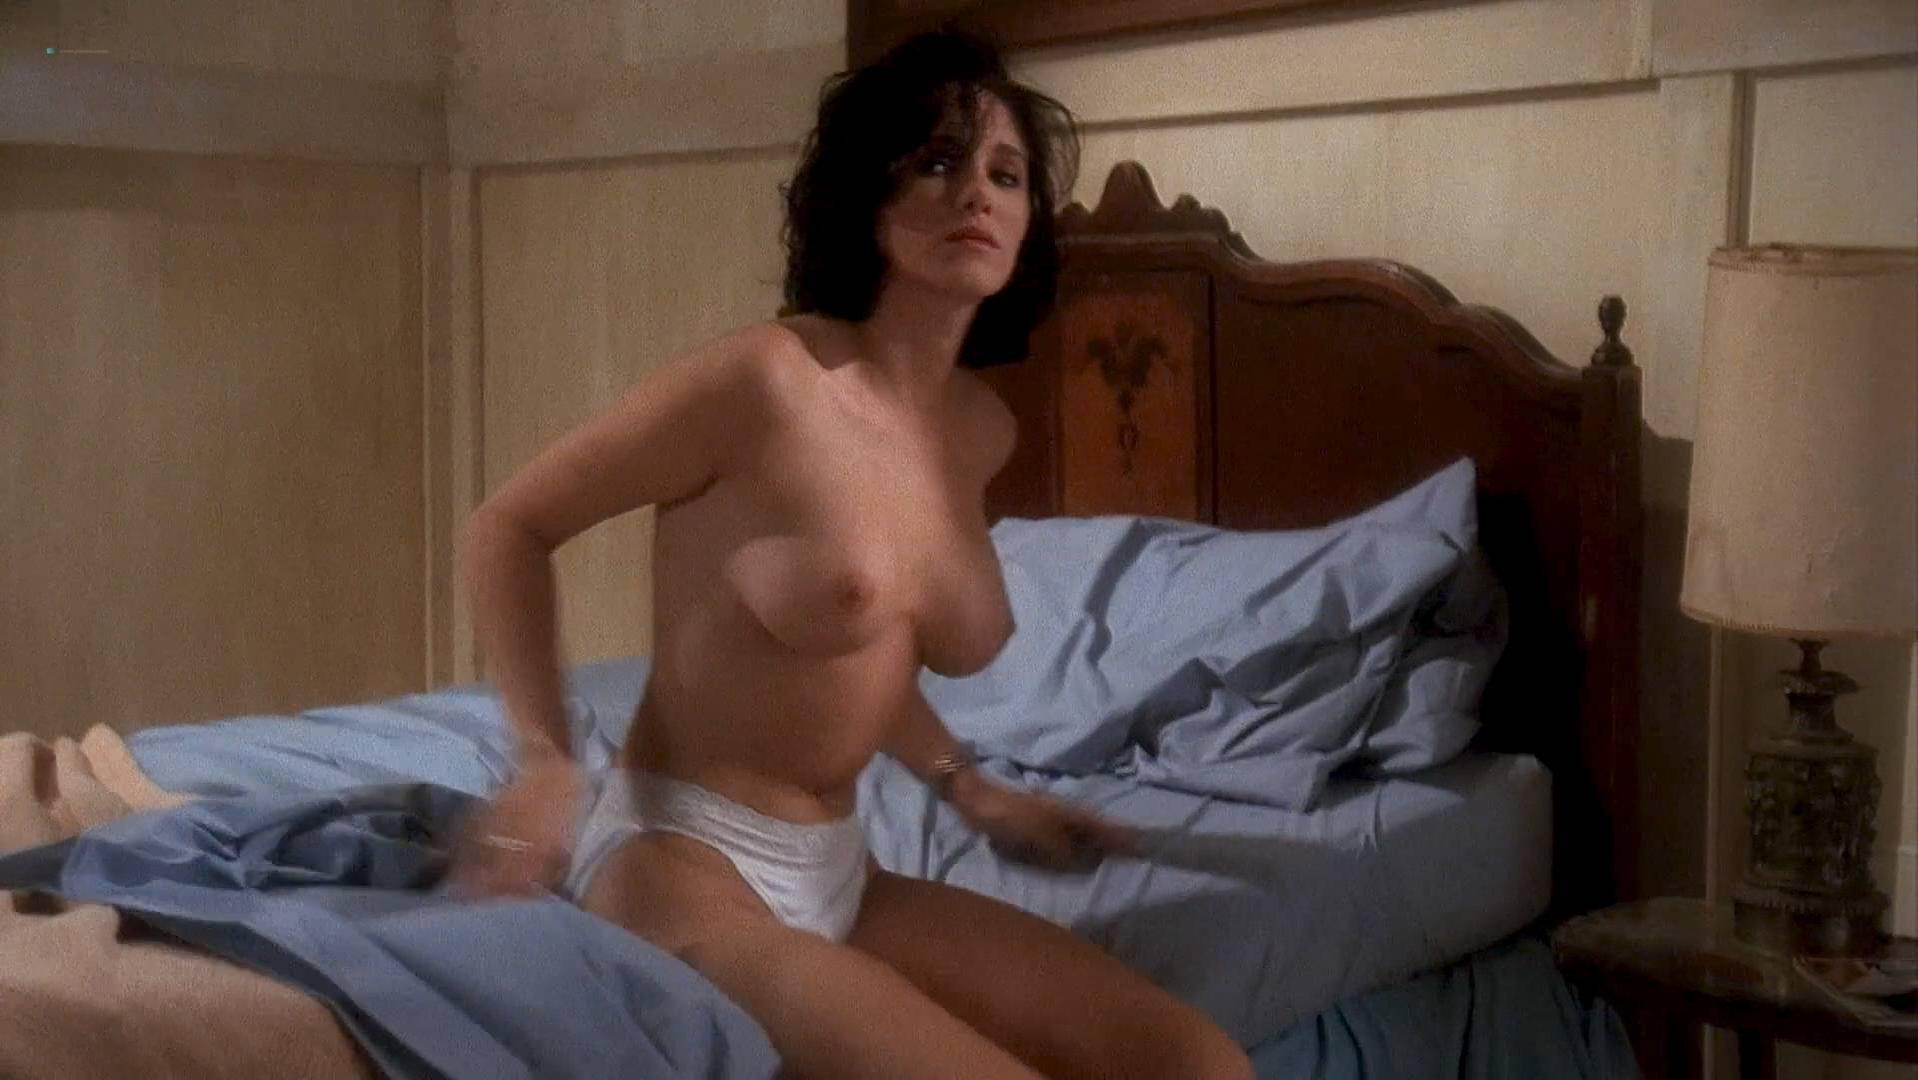 amateur sex scene